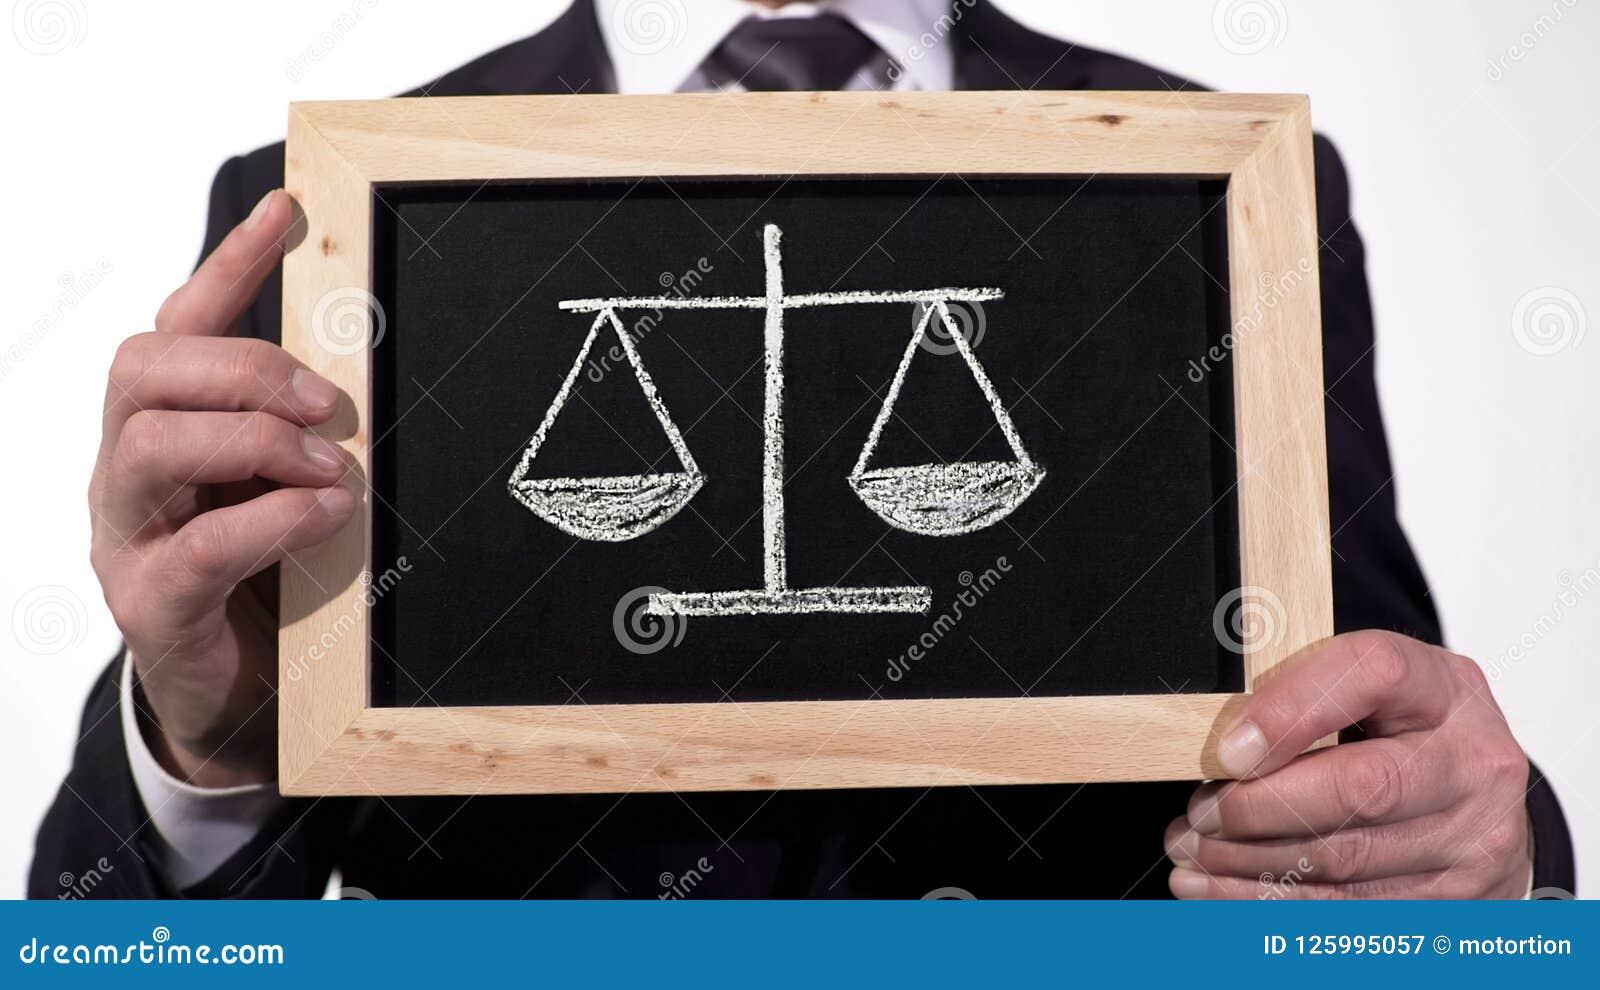 Rechtvaardigheidsschalen op bord in advocaathanden worden getrokken, besluitpros - en - cons. dat